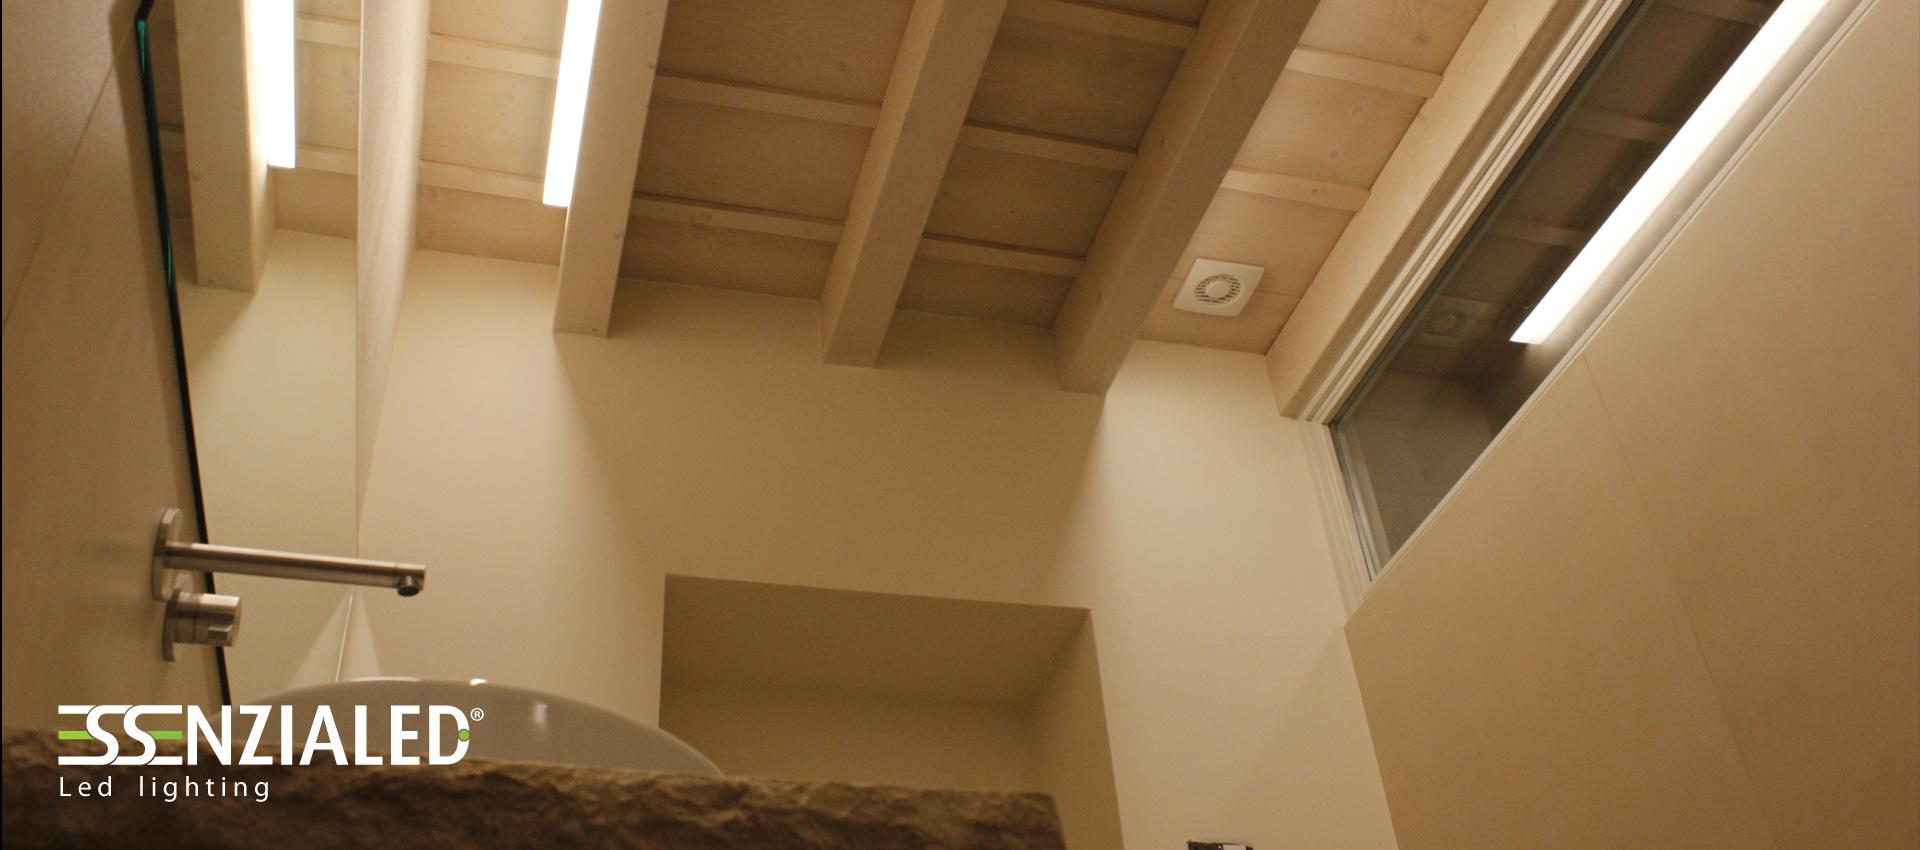 Big lampada lineare led essenzialed su for Soffitto travi a vista illuminazione